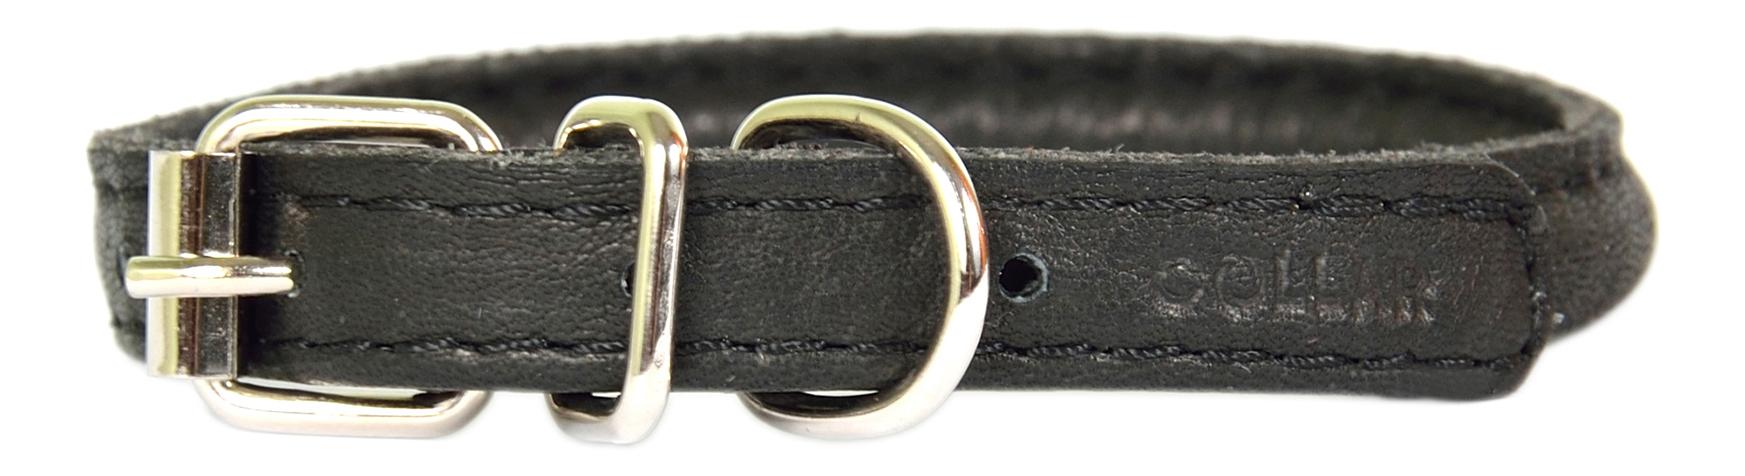 Ошейник Collar Для собак 47см SOFT 01581